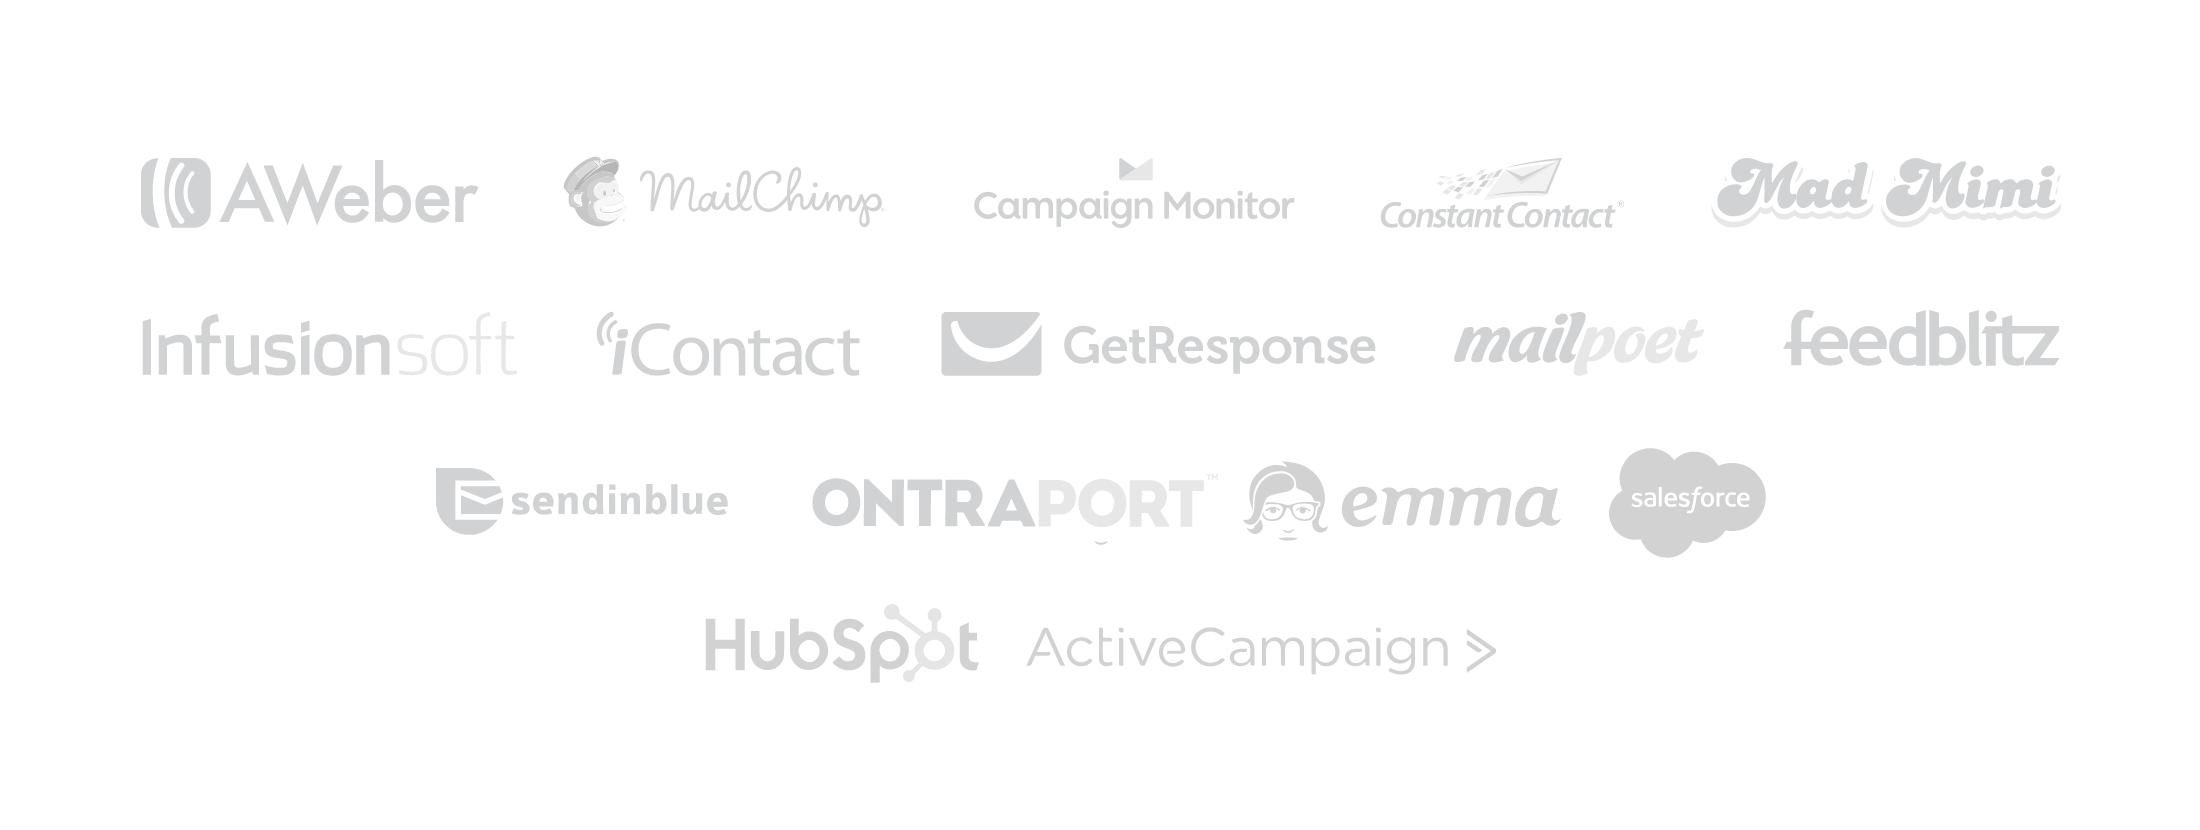 Integraciones de marketing por correo electrónico prósperas